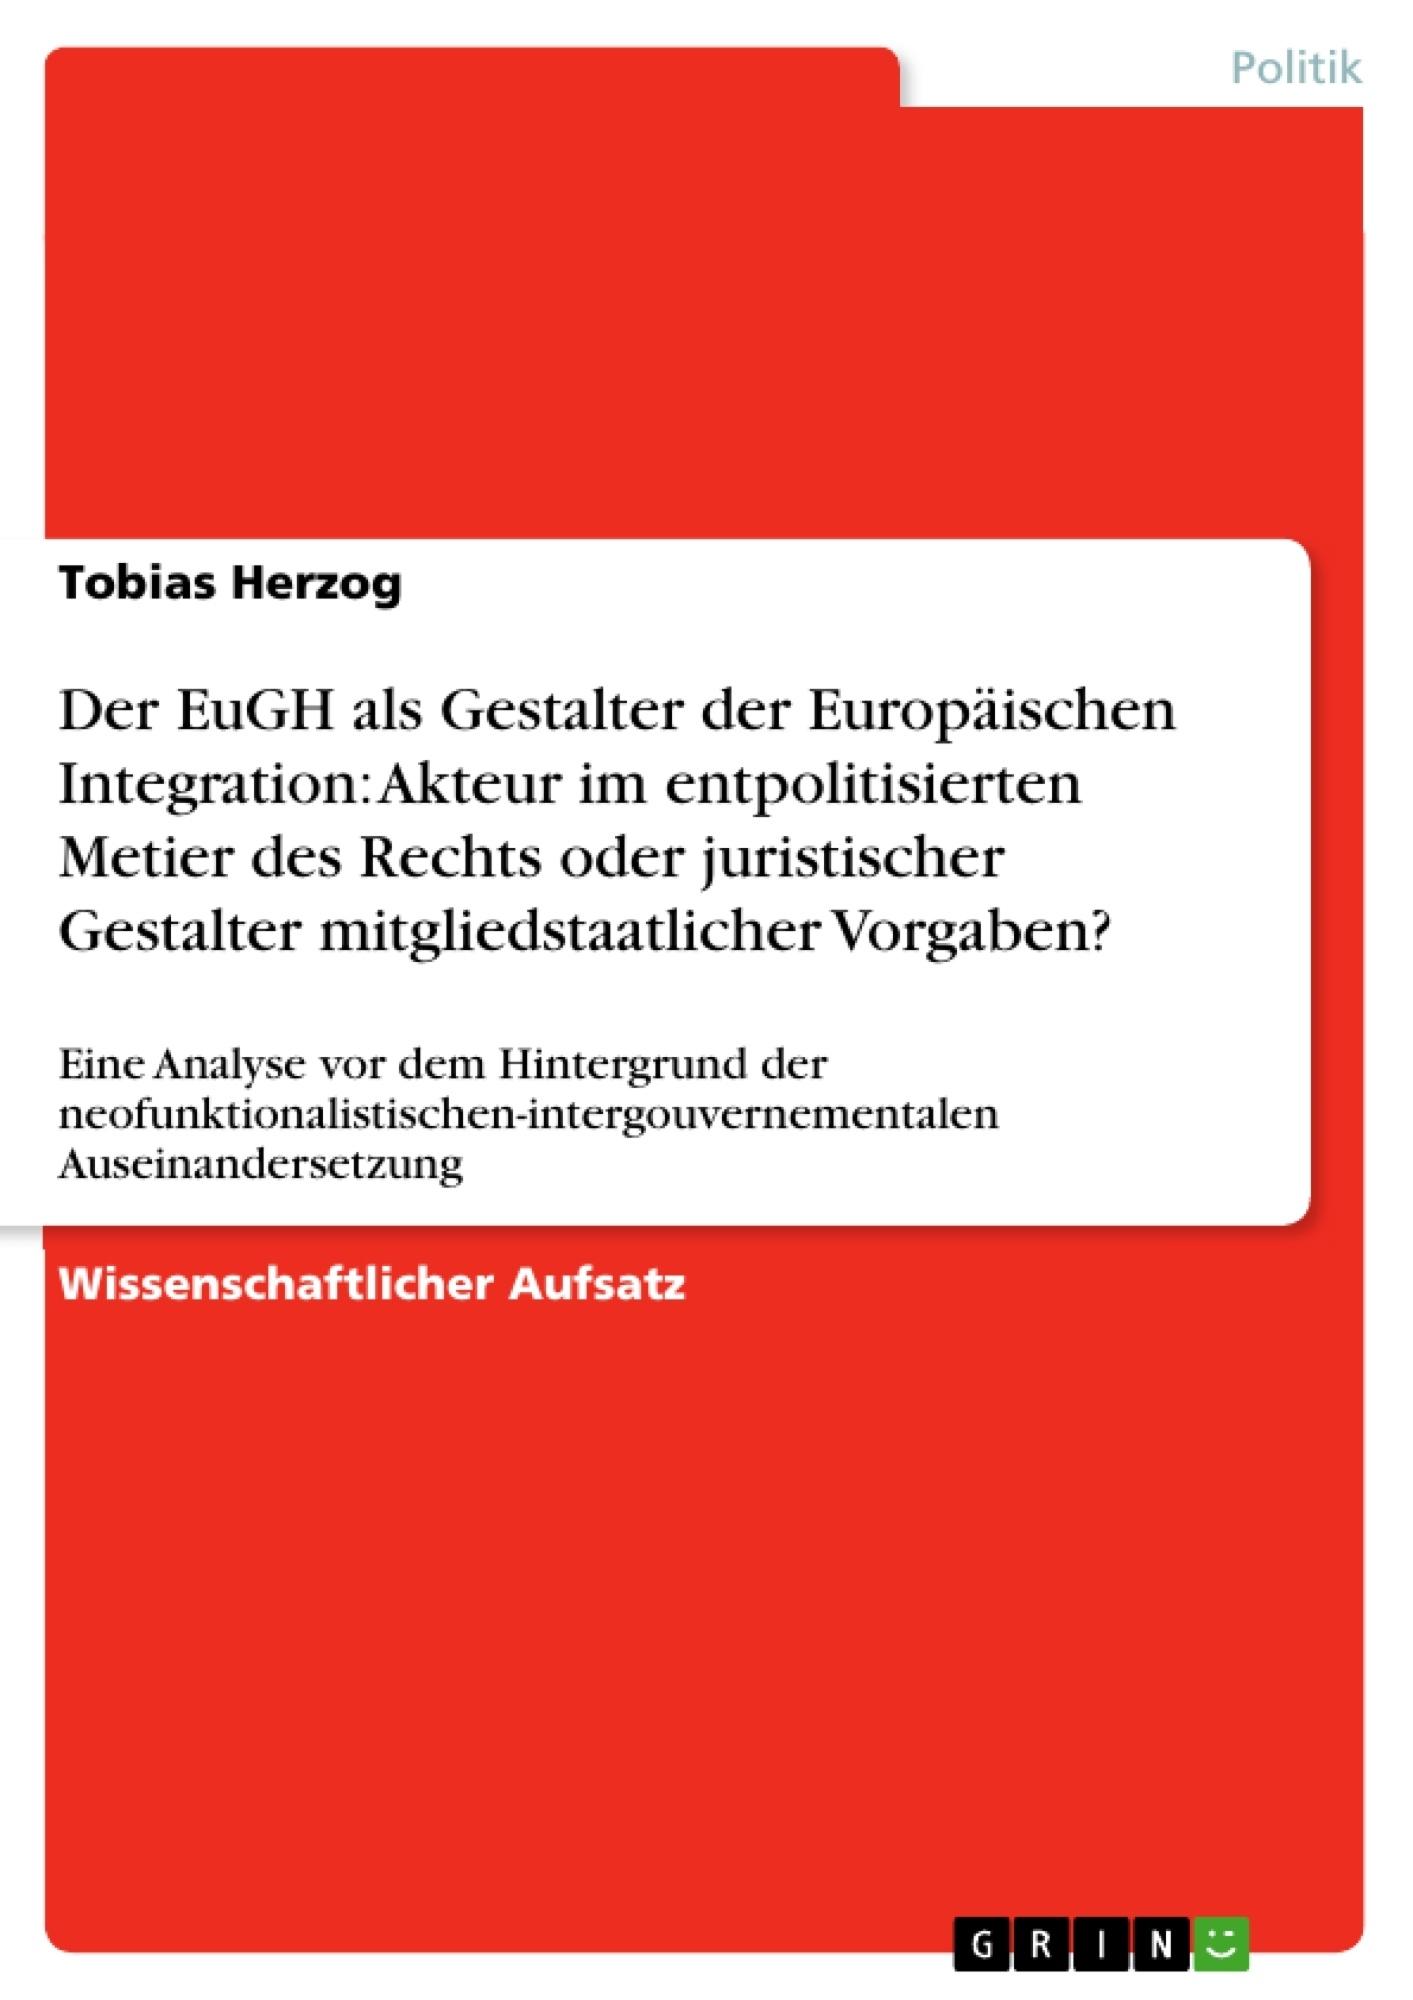 Titel: Der EuGH als Gestalter der Europäischen Integration: Akteur im entpolitisierten Metier des Rechts oder juristischer Gestalter mitgliedstaatlicher Vorgaben?